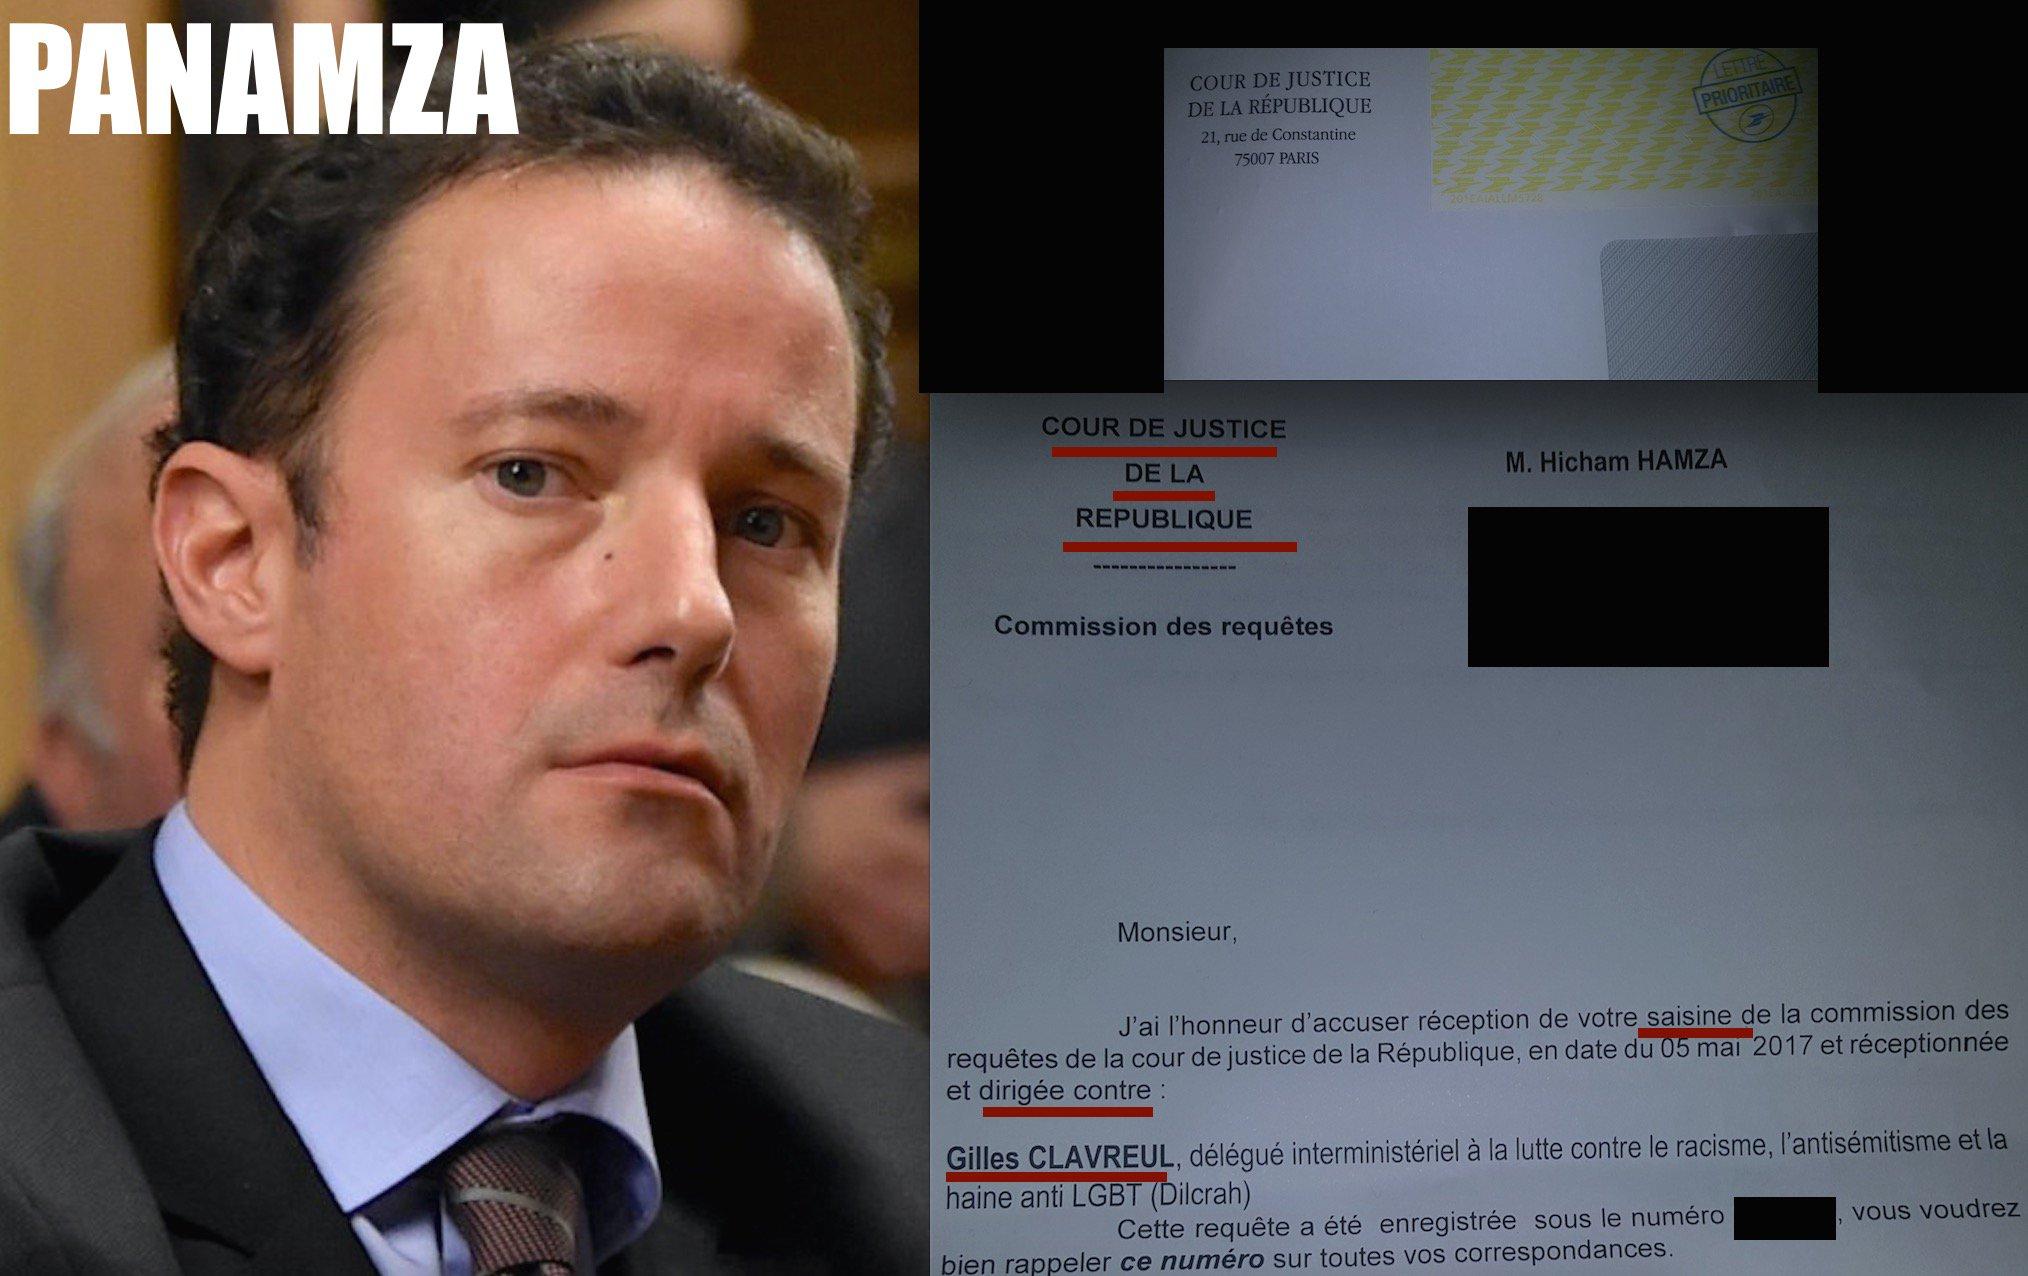 J'expédie un proche de Valls devant la Cour de justice de la République